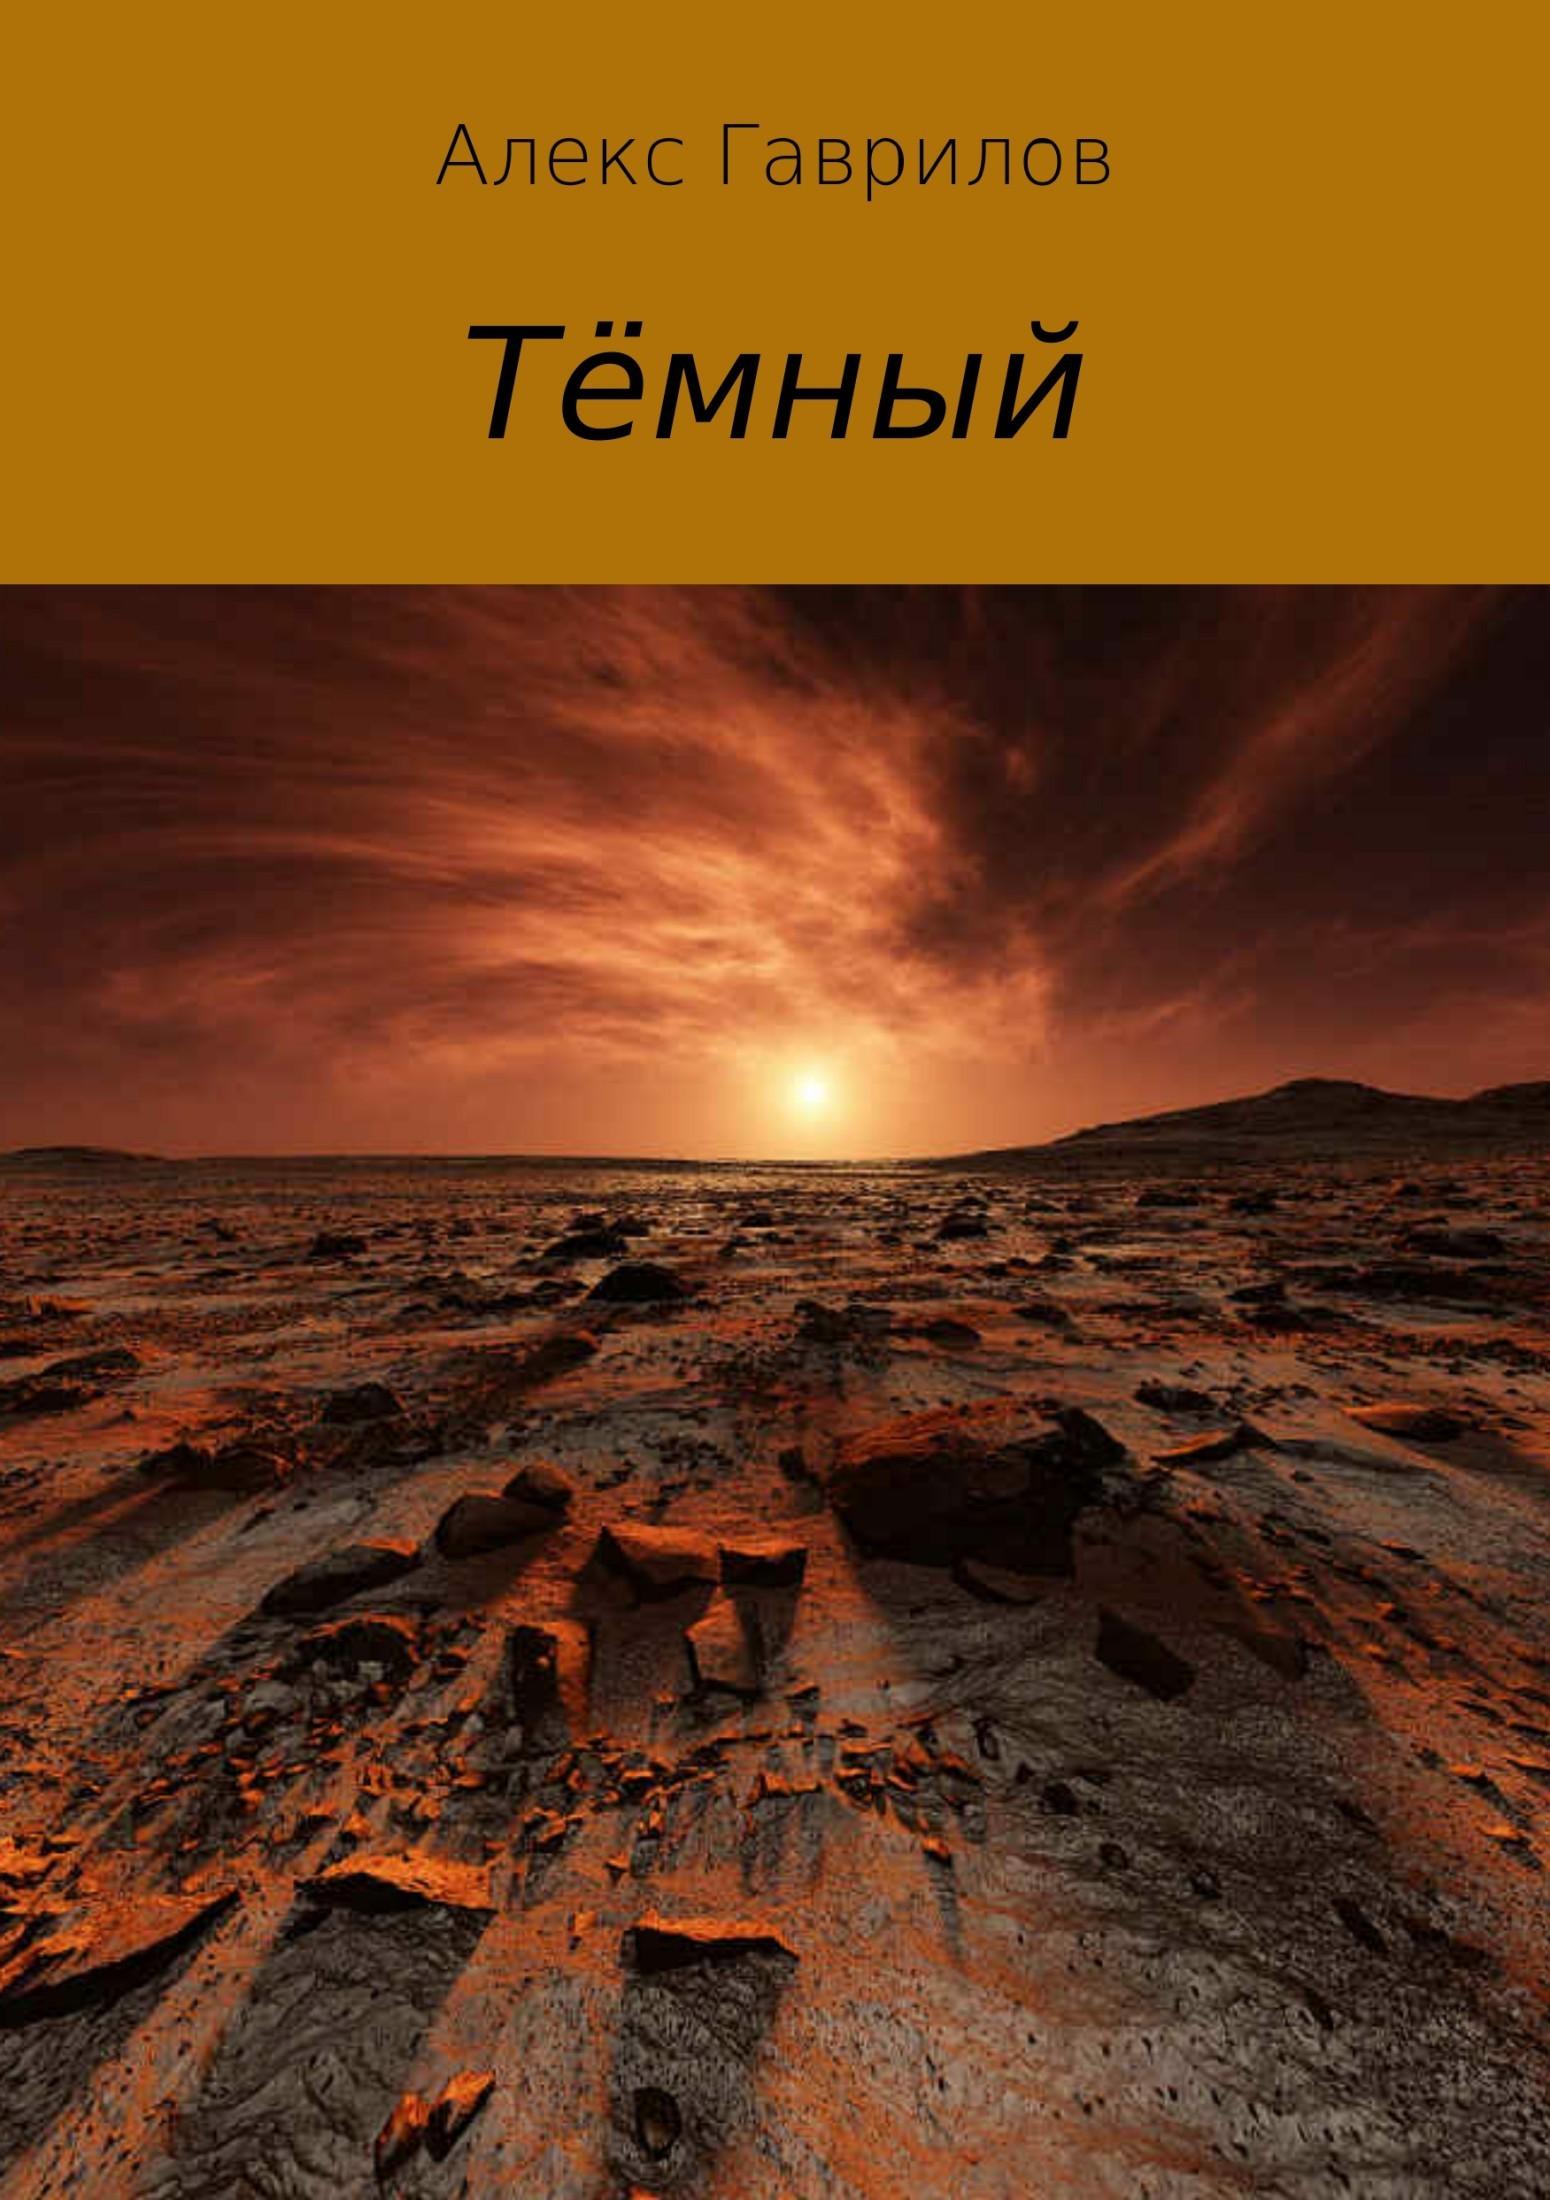 Алекс Гаврилов Тёмный жирохов м приднестровье история конфликта